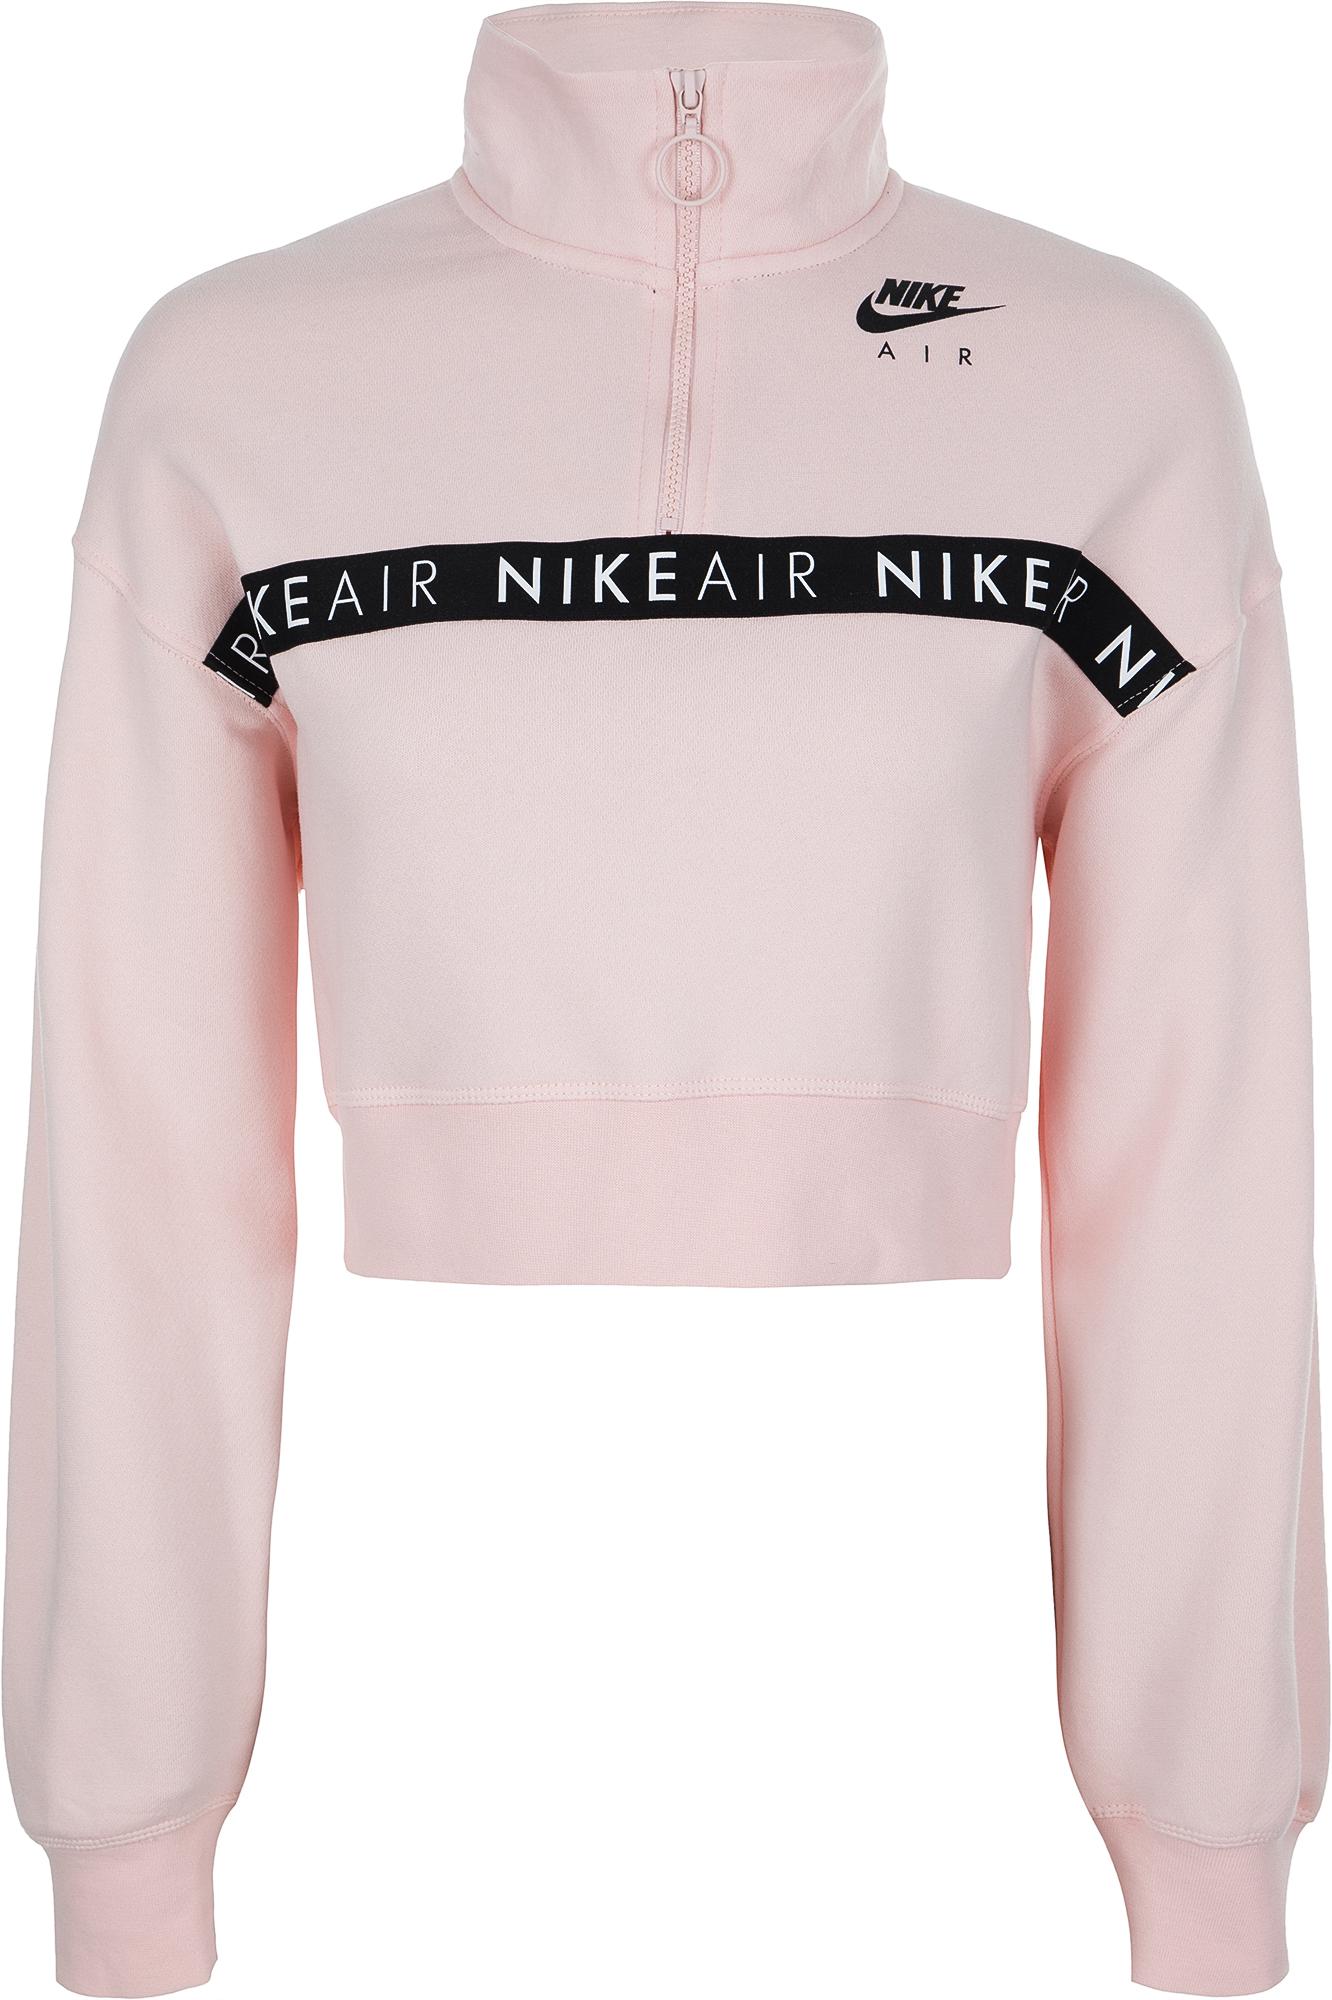 Nike Олимпийка женская Nike Air, размер 46-48 nike майка женская nike air размер 46 48